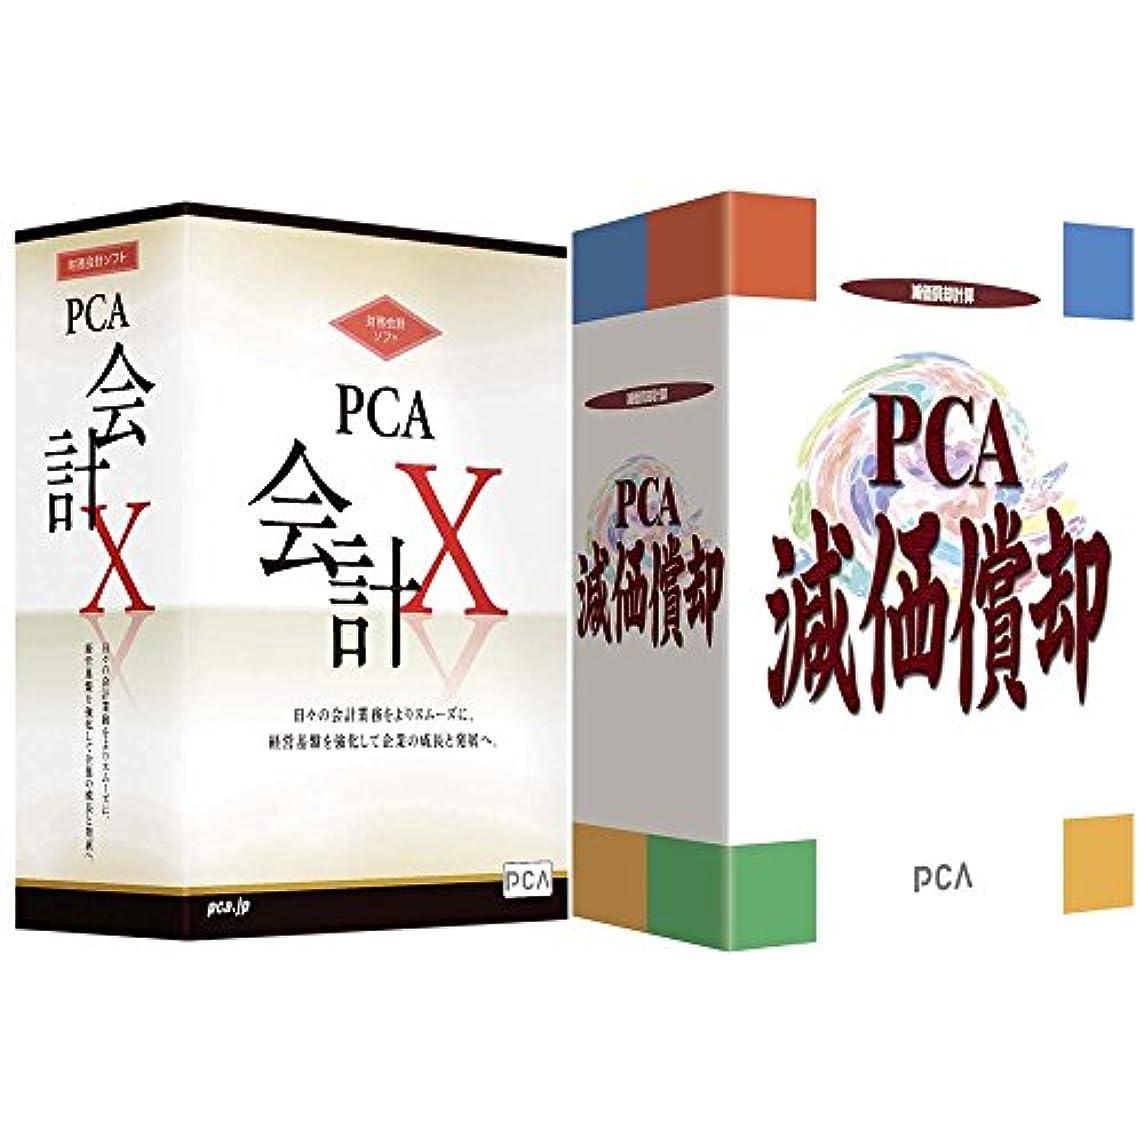 カスタム上昇国民投票PCA会計X?減価償却V.3セット with SQL 3クライアント